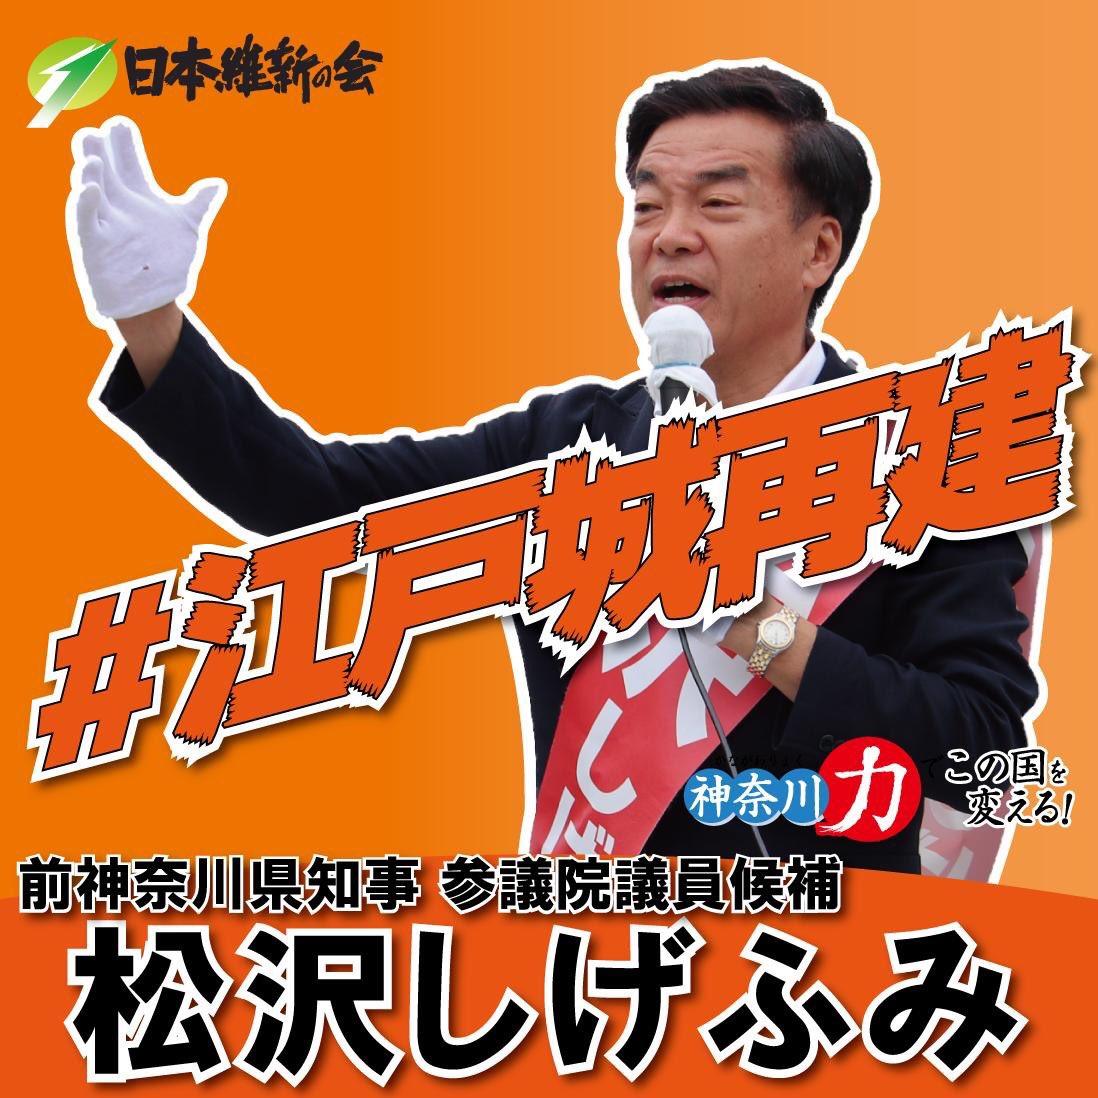 古谷経衡 キャンペーン 日本型リア充 津田大介 東浩紀に関連した画像-03